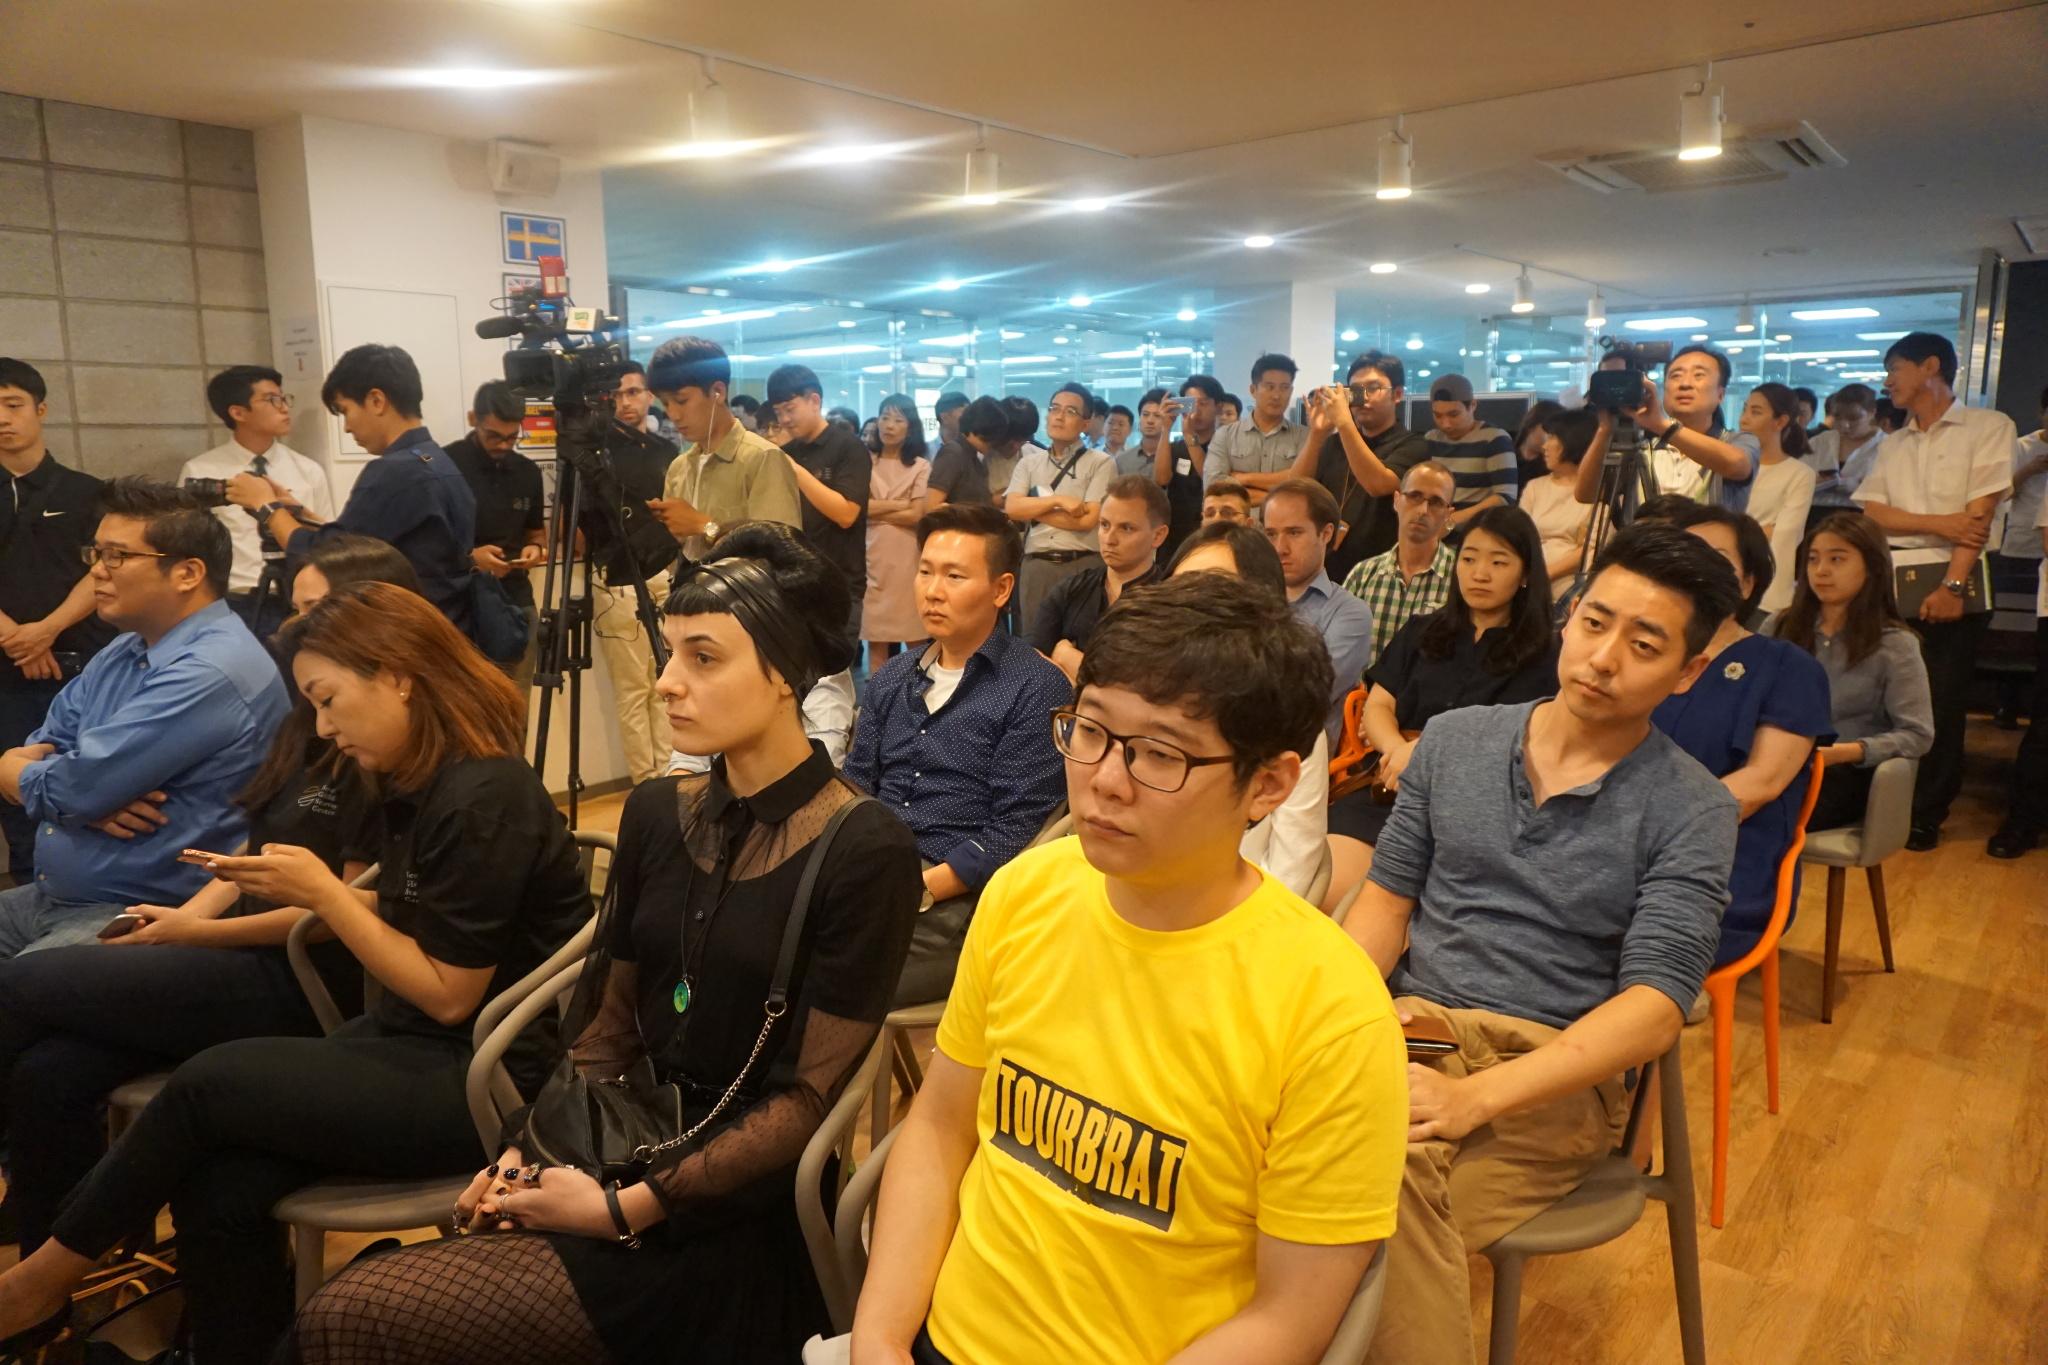 26일 서울 글로벌 창업센터(Seoul Global Startup Center=Seoul GSC) 개소식이 용산 전자 월드 3층에서 열렸다